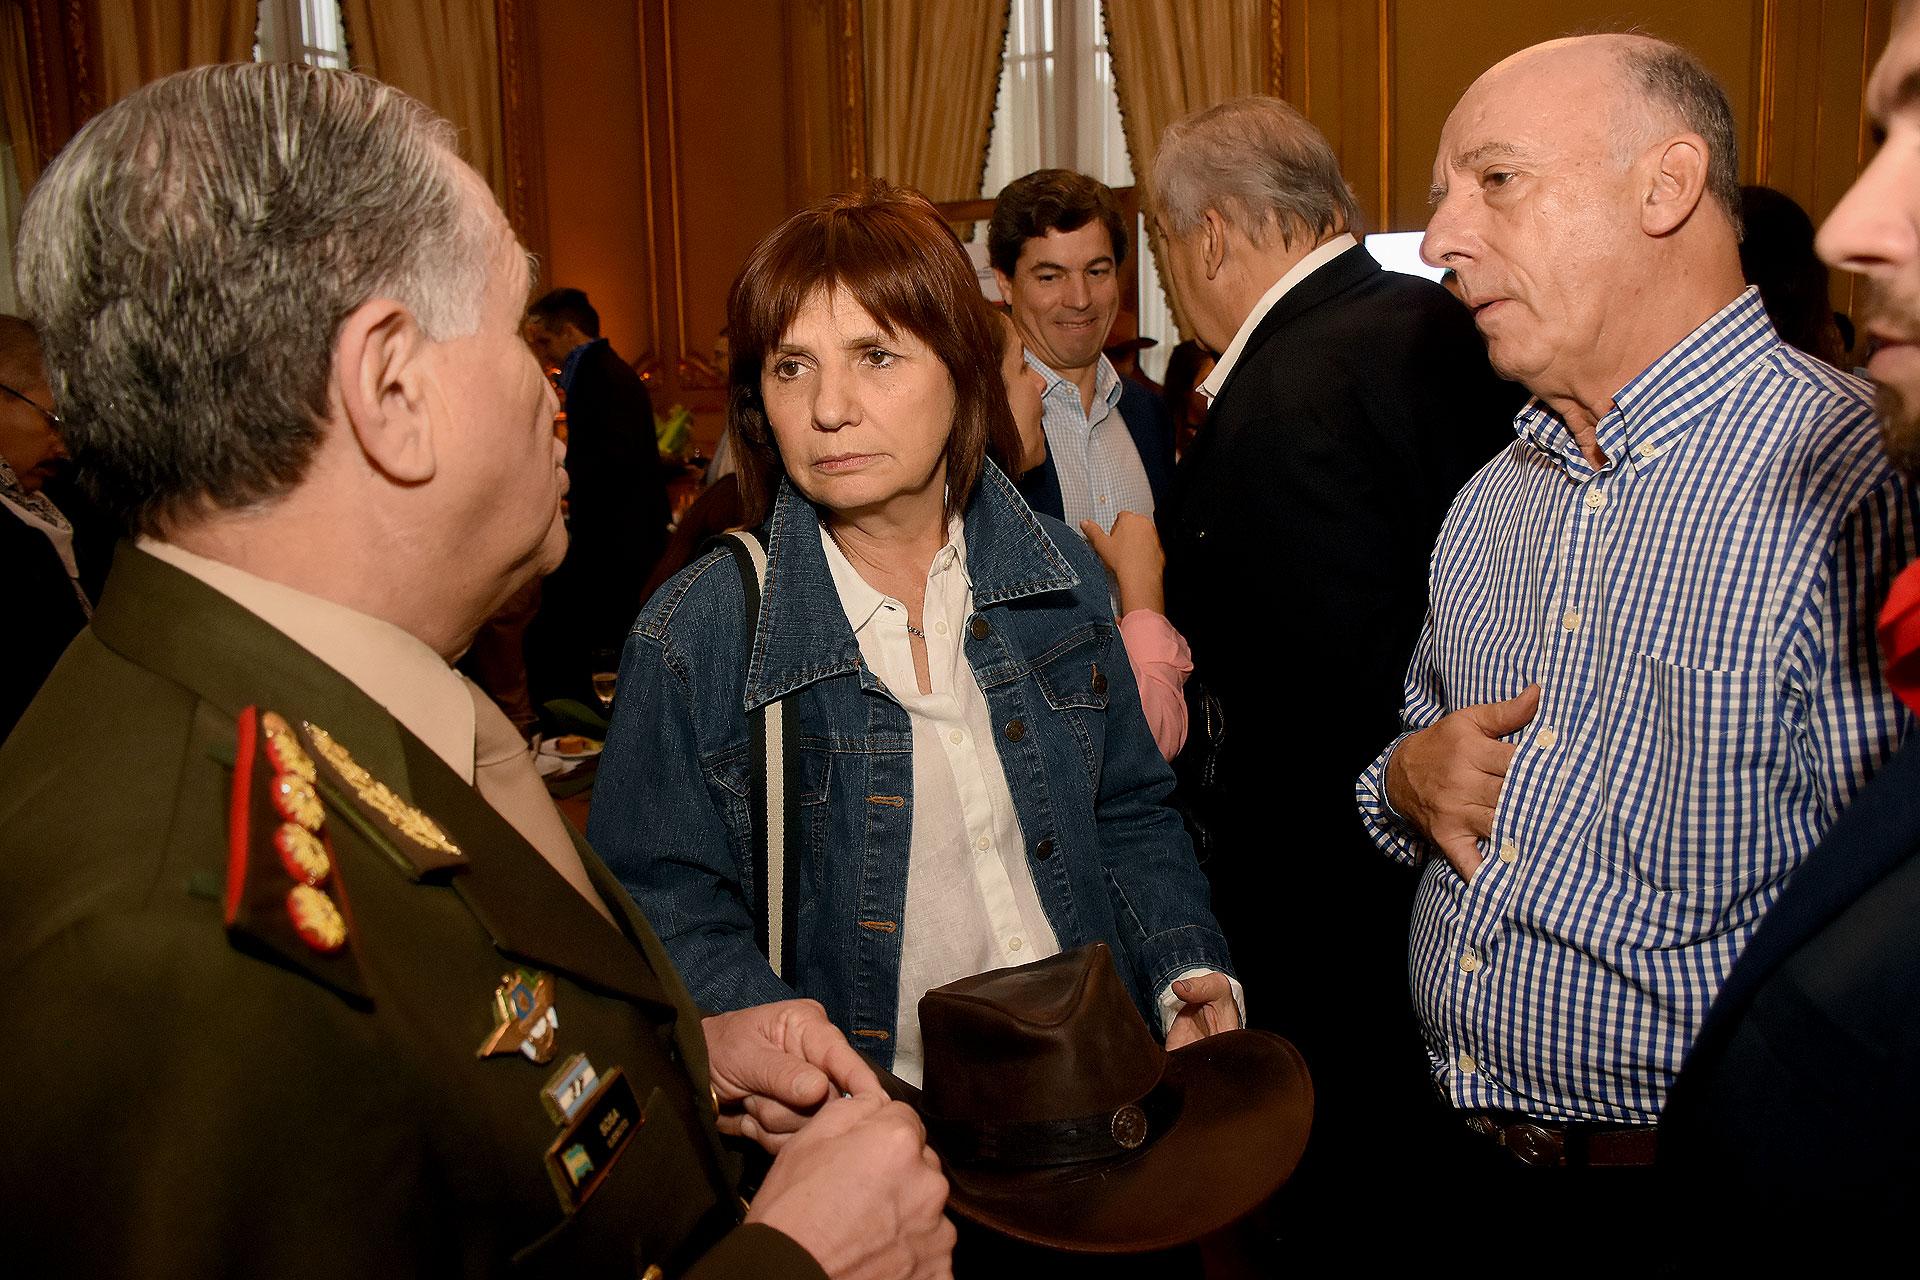 La ministra de Seguridad, Patricia Bullrich, estuvo entre los 400 invitados de la embajada